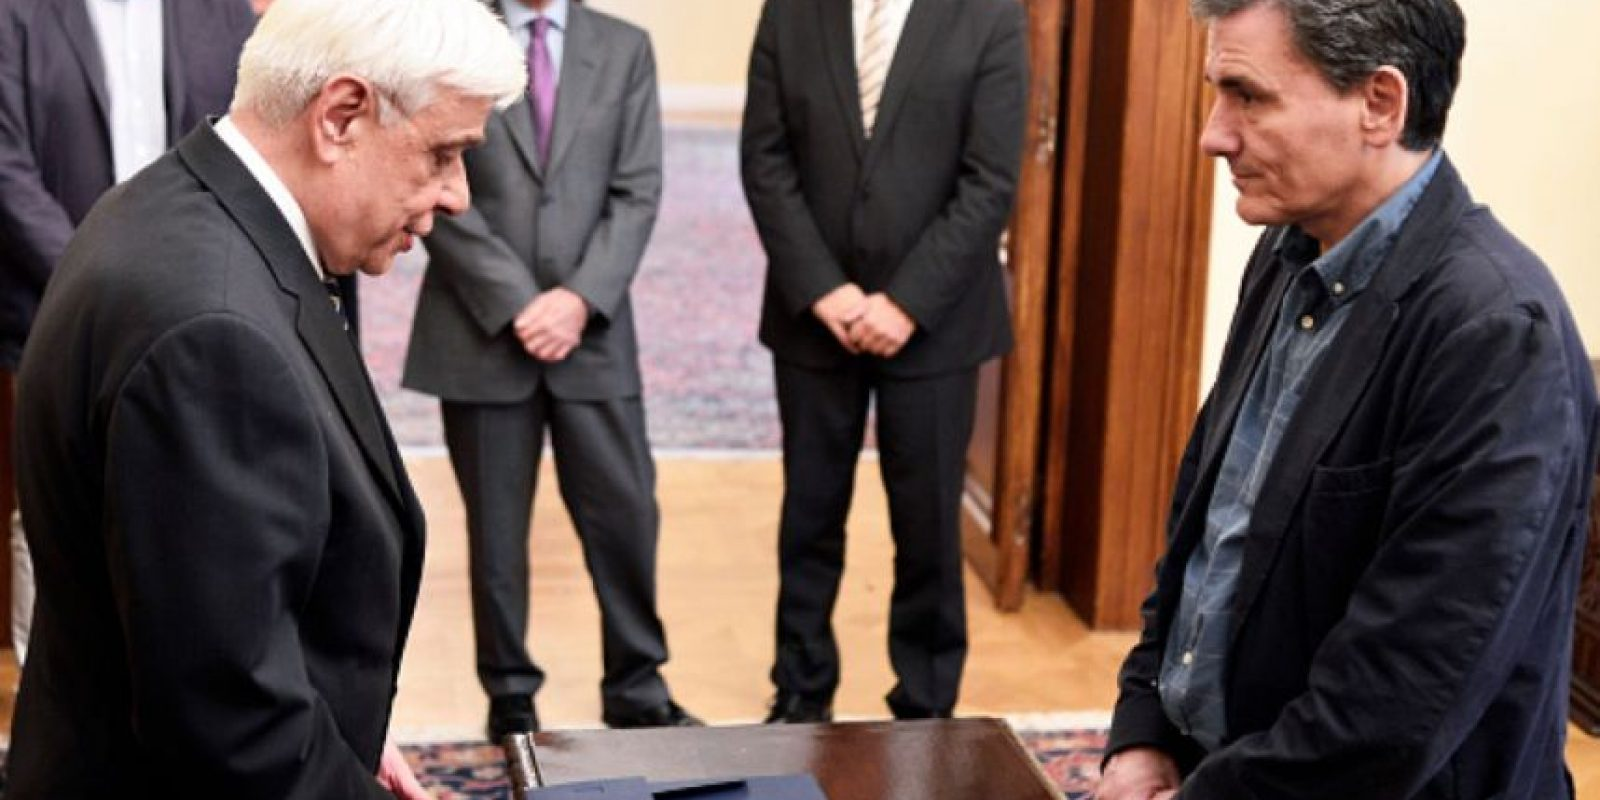 Los griegos rechazaron la política de austeridad impuesta desde Berlín y Bruselas. Foto:vía Getty Images